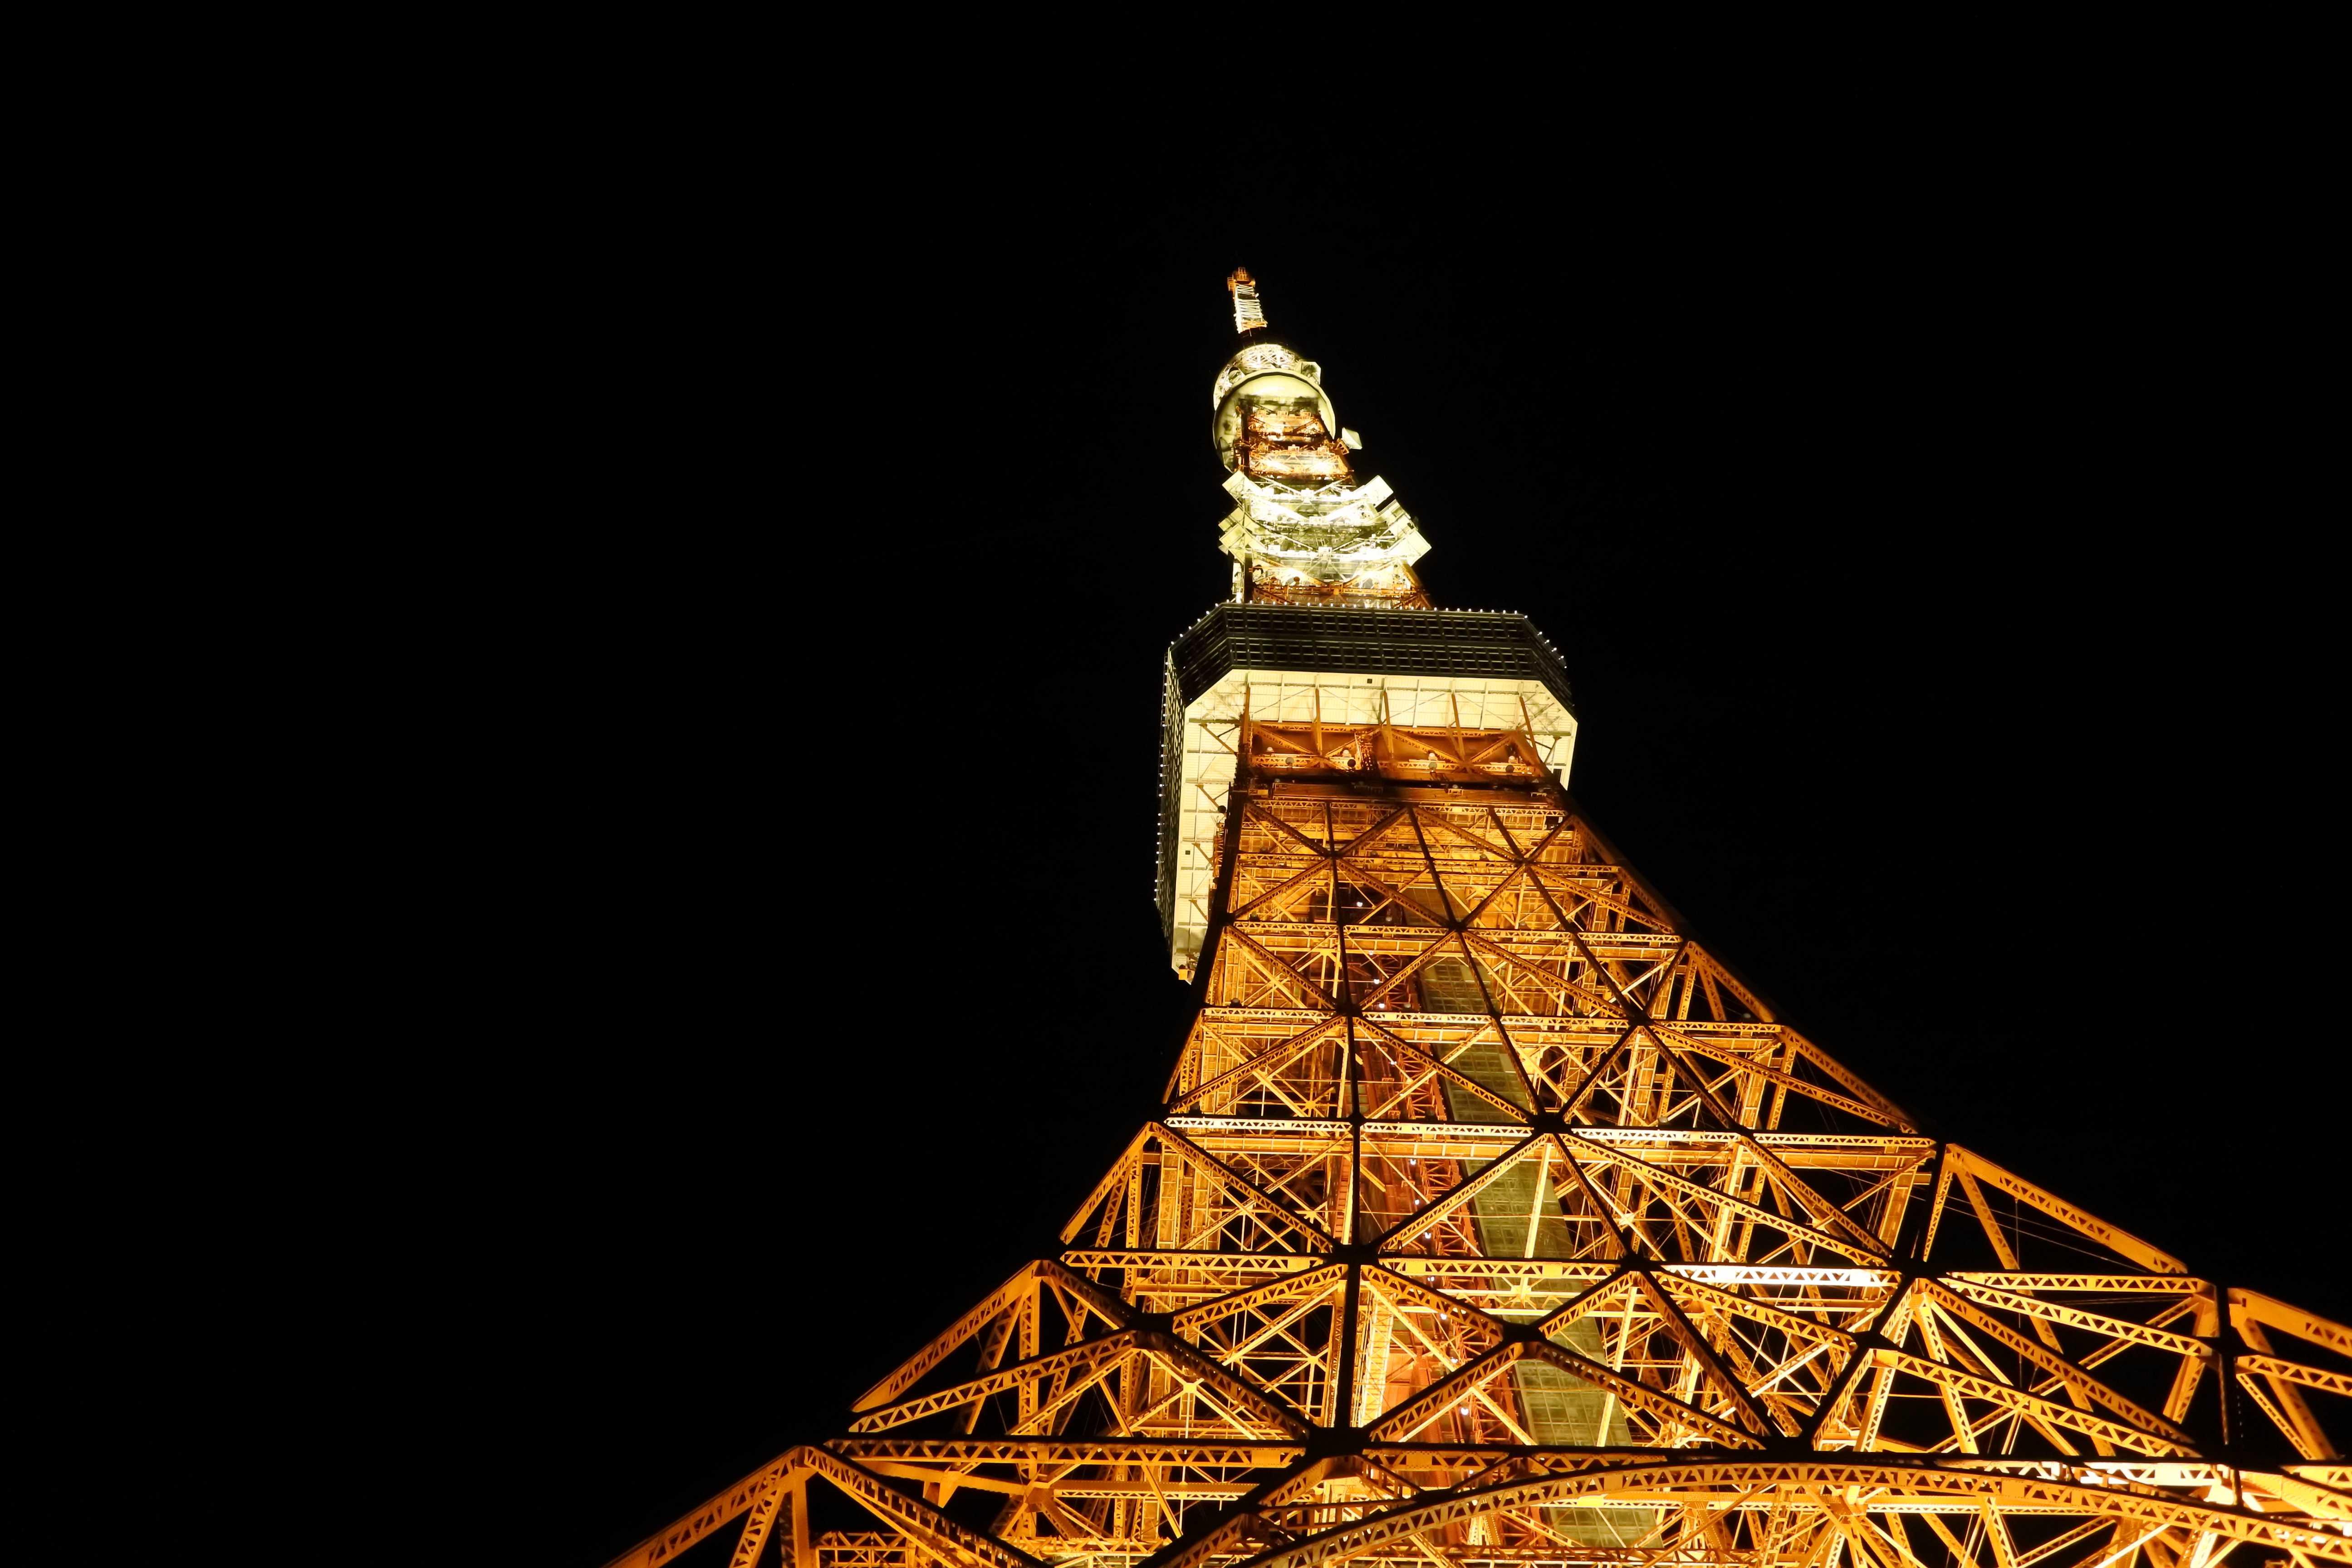 真夜中の東京タワー